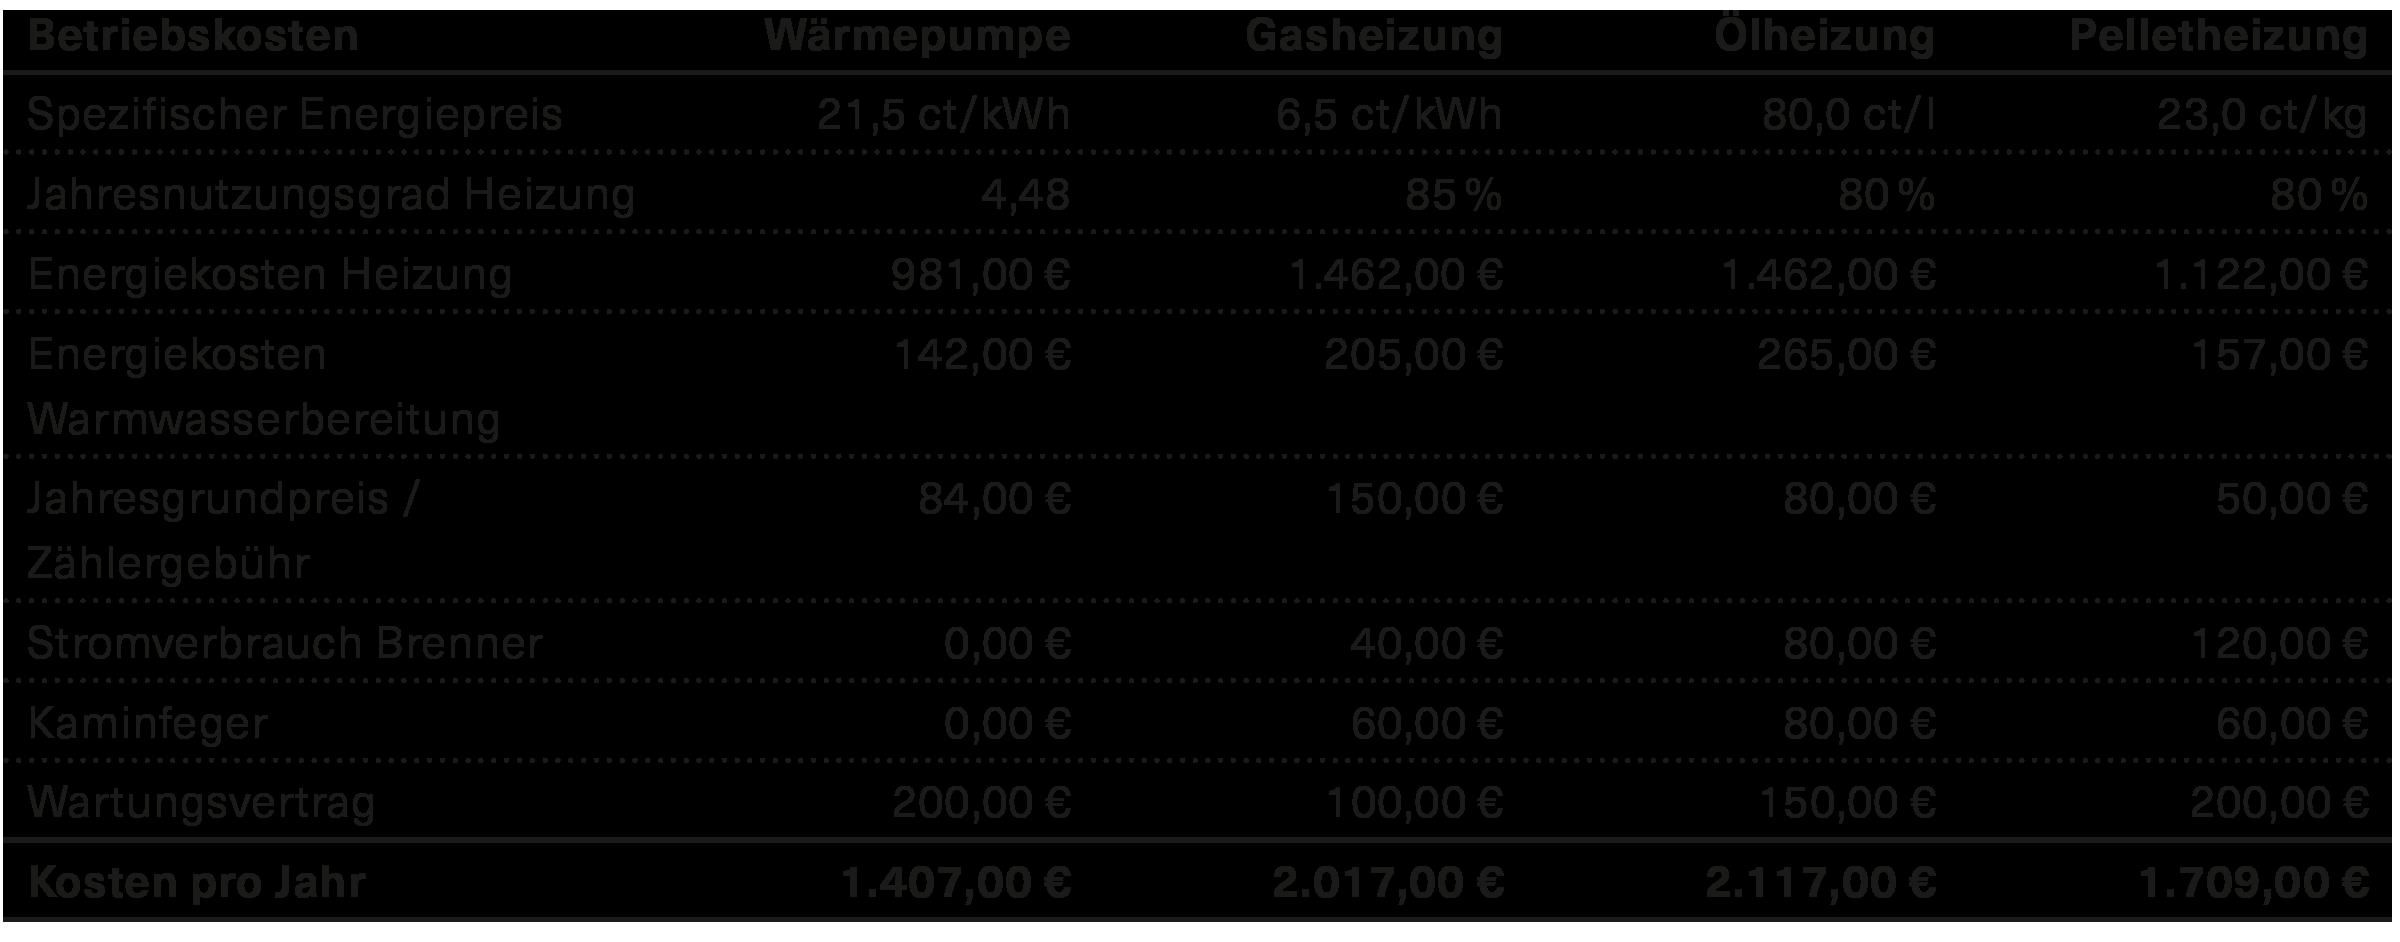 betriebskostenvergleich-detailliert